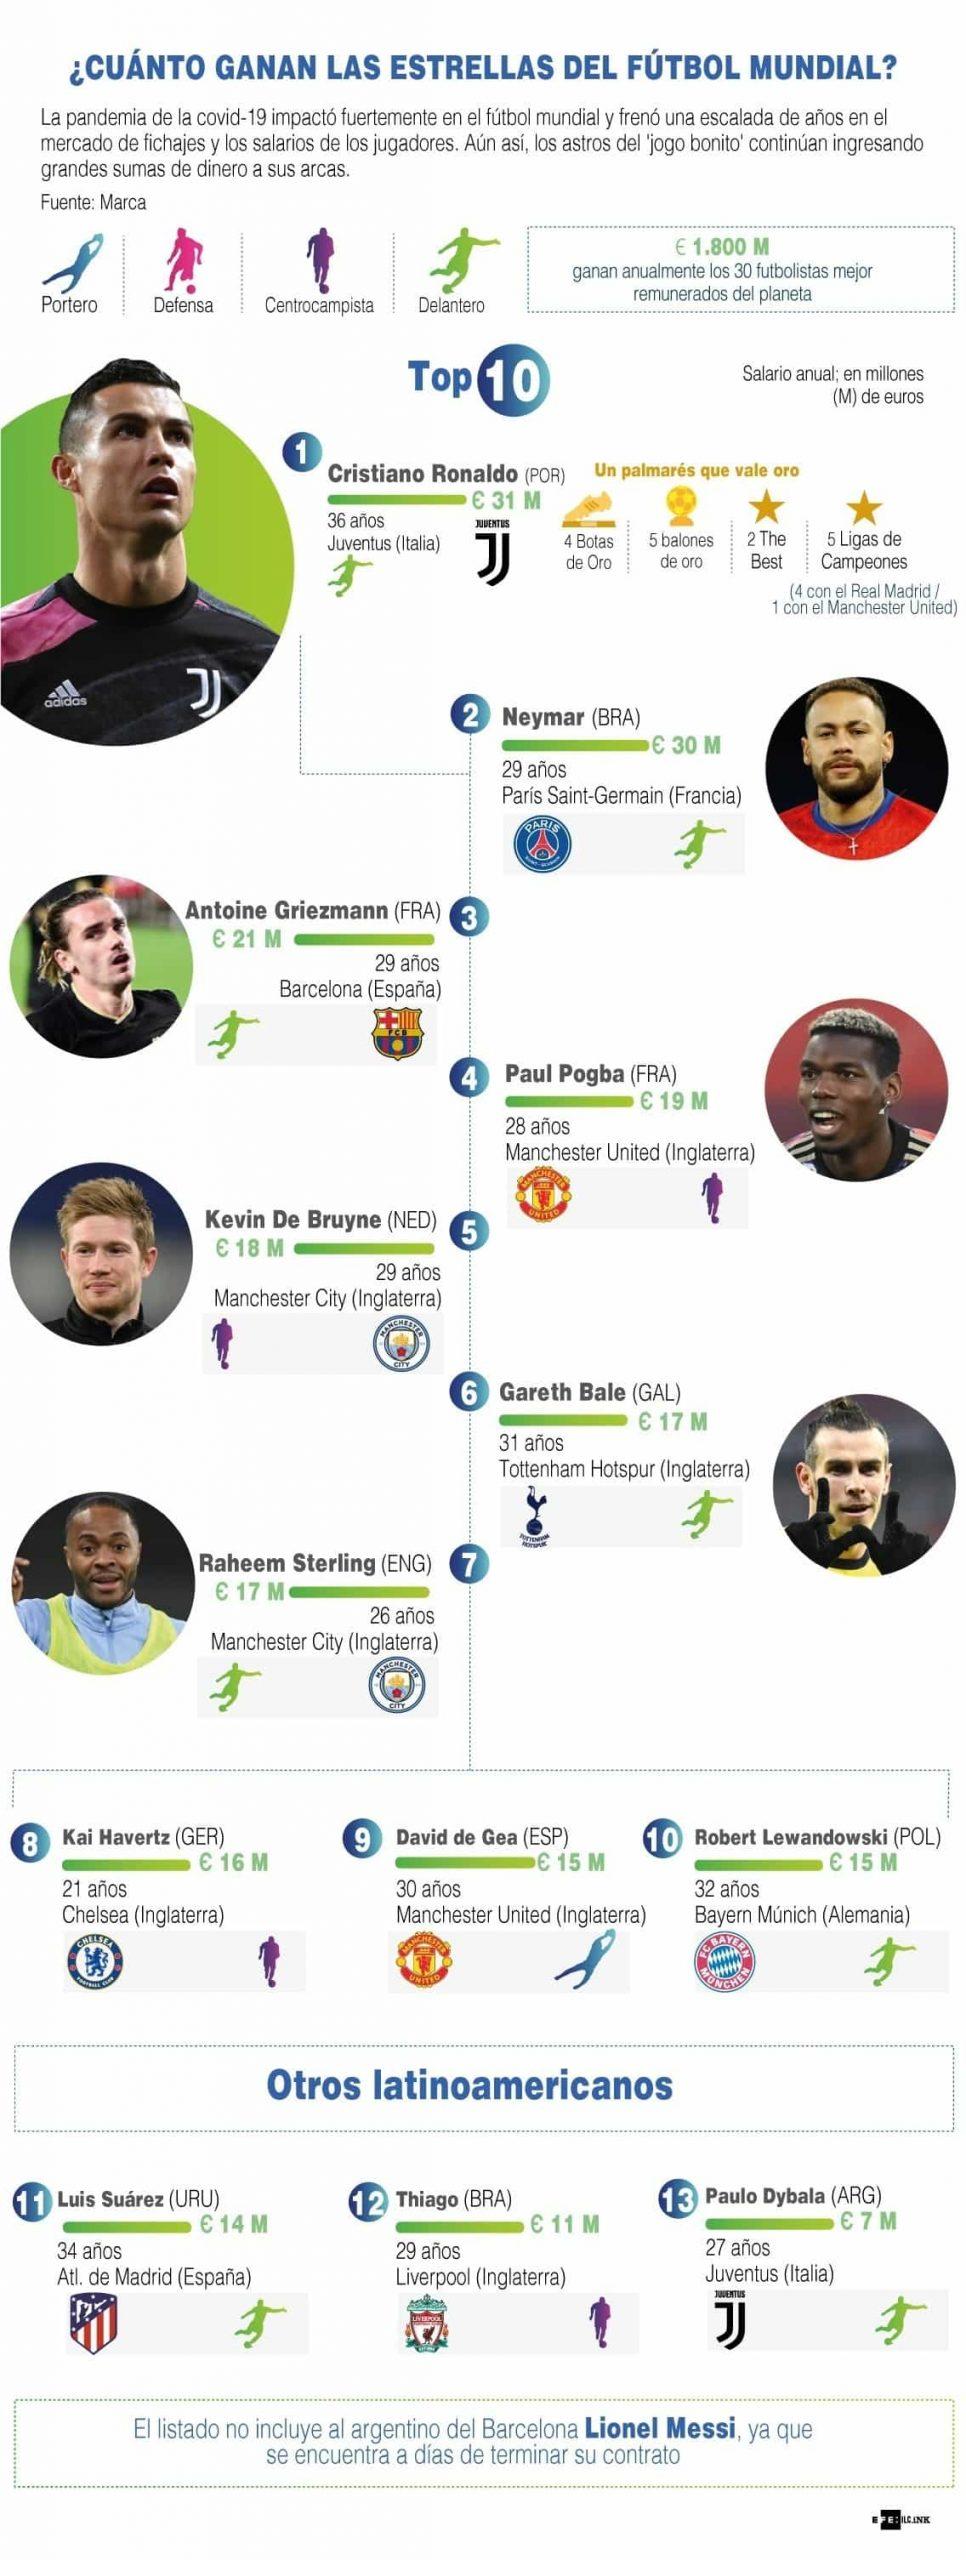 [Infografía] - ¿Cuánto ganan las estrellas de futbol mundial? 1